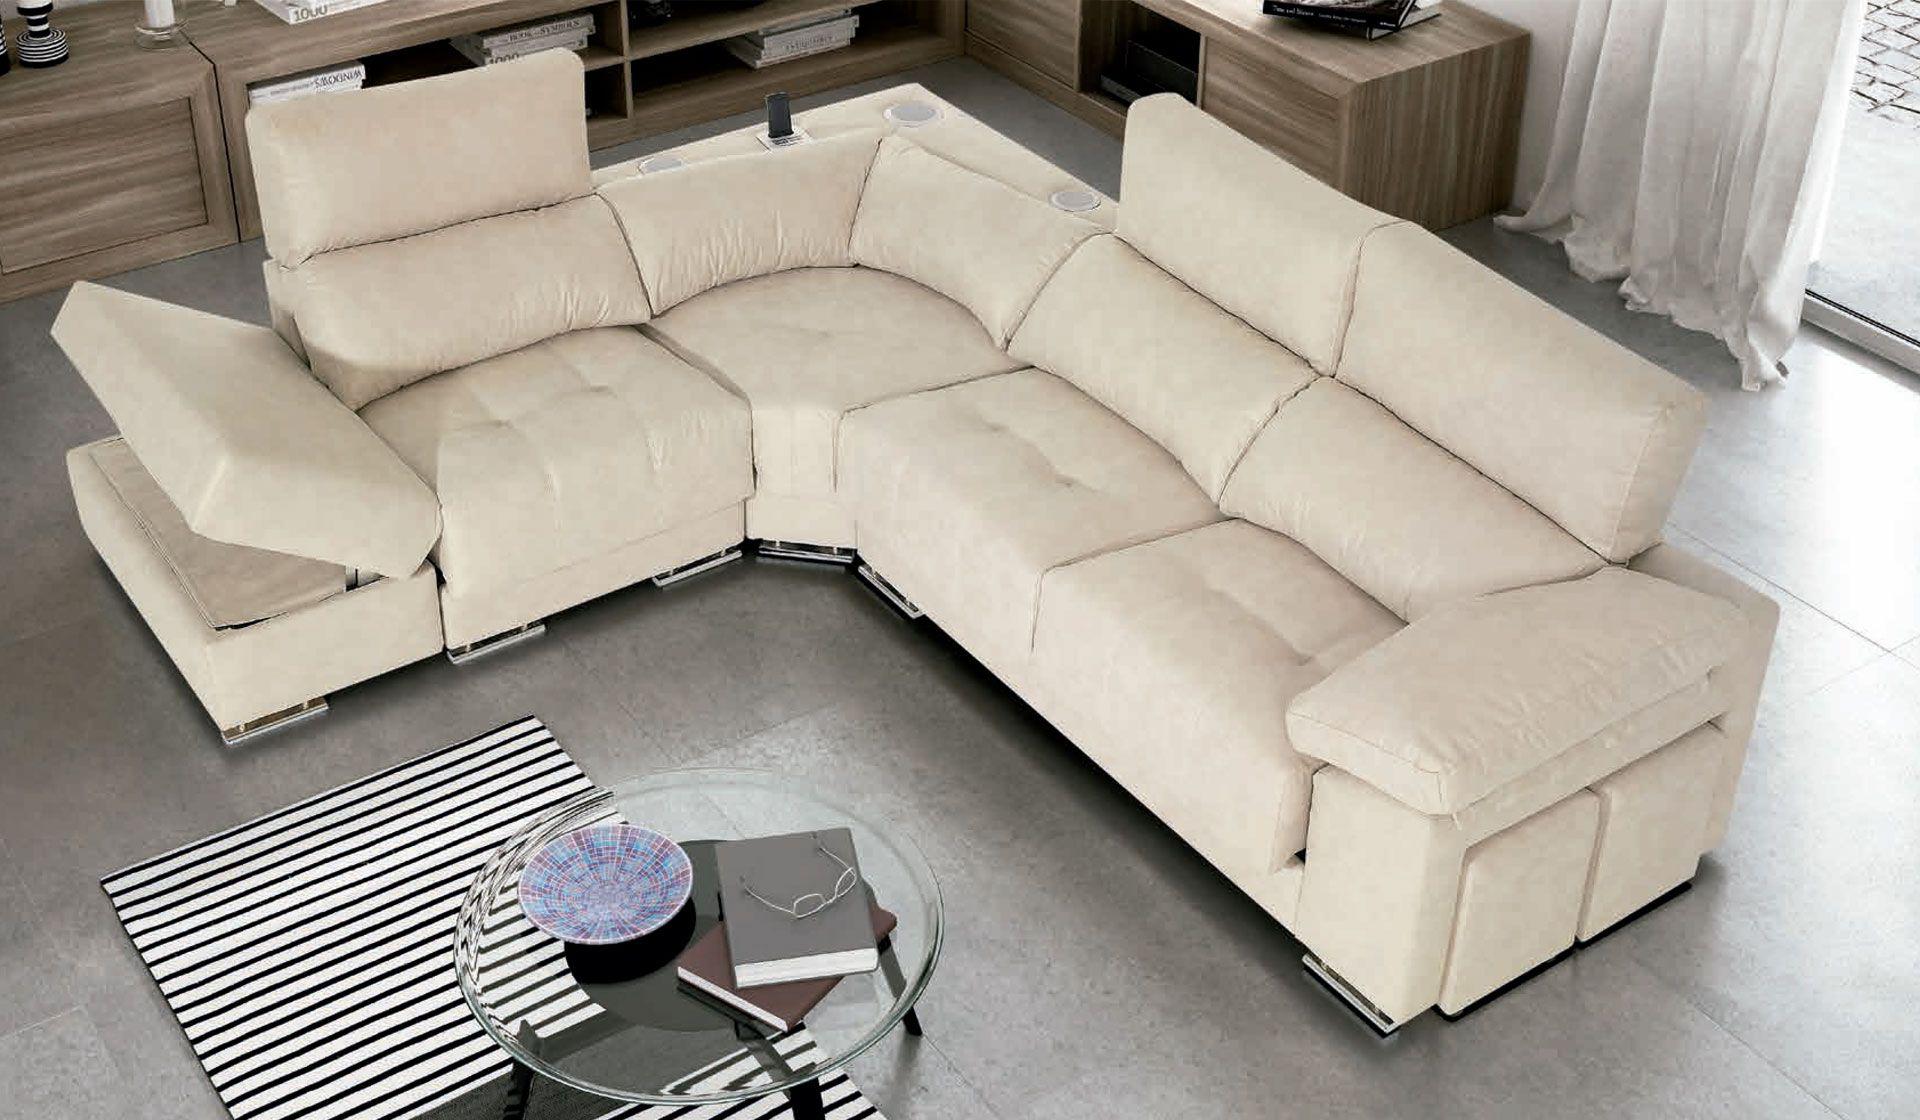 colchones huelva, tiendas de sofas huelva, sofas huelva, sofas en huelva, tiendas de sofás en huelva,